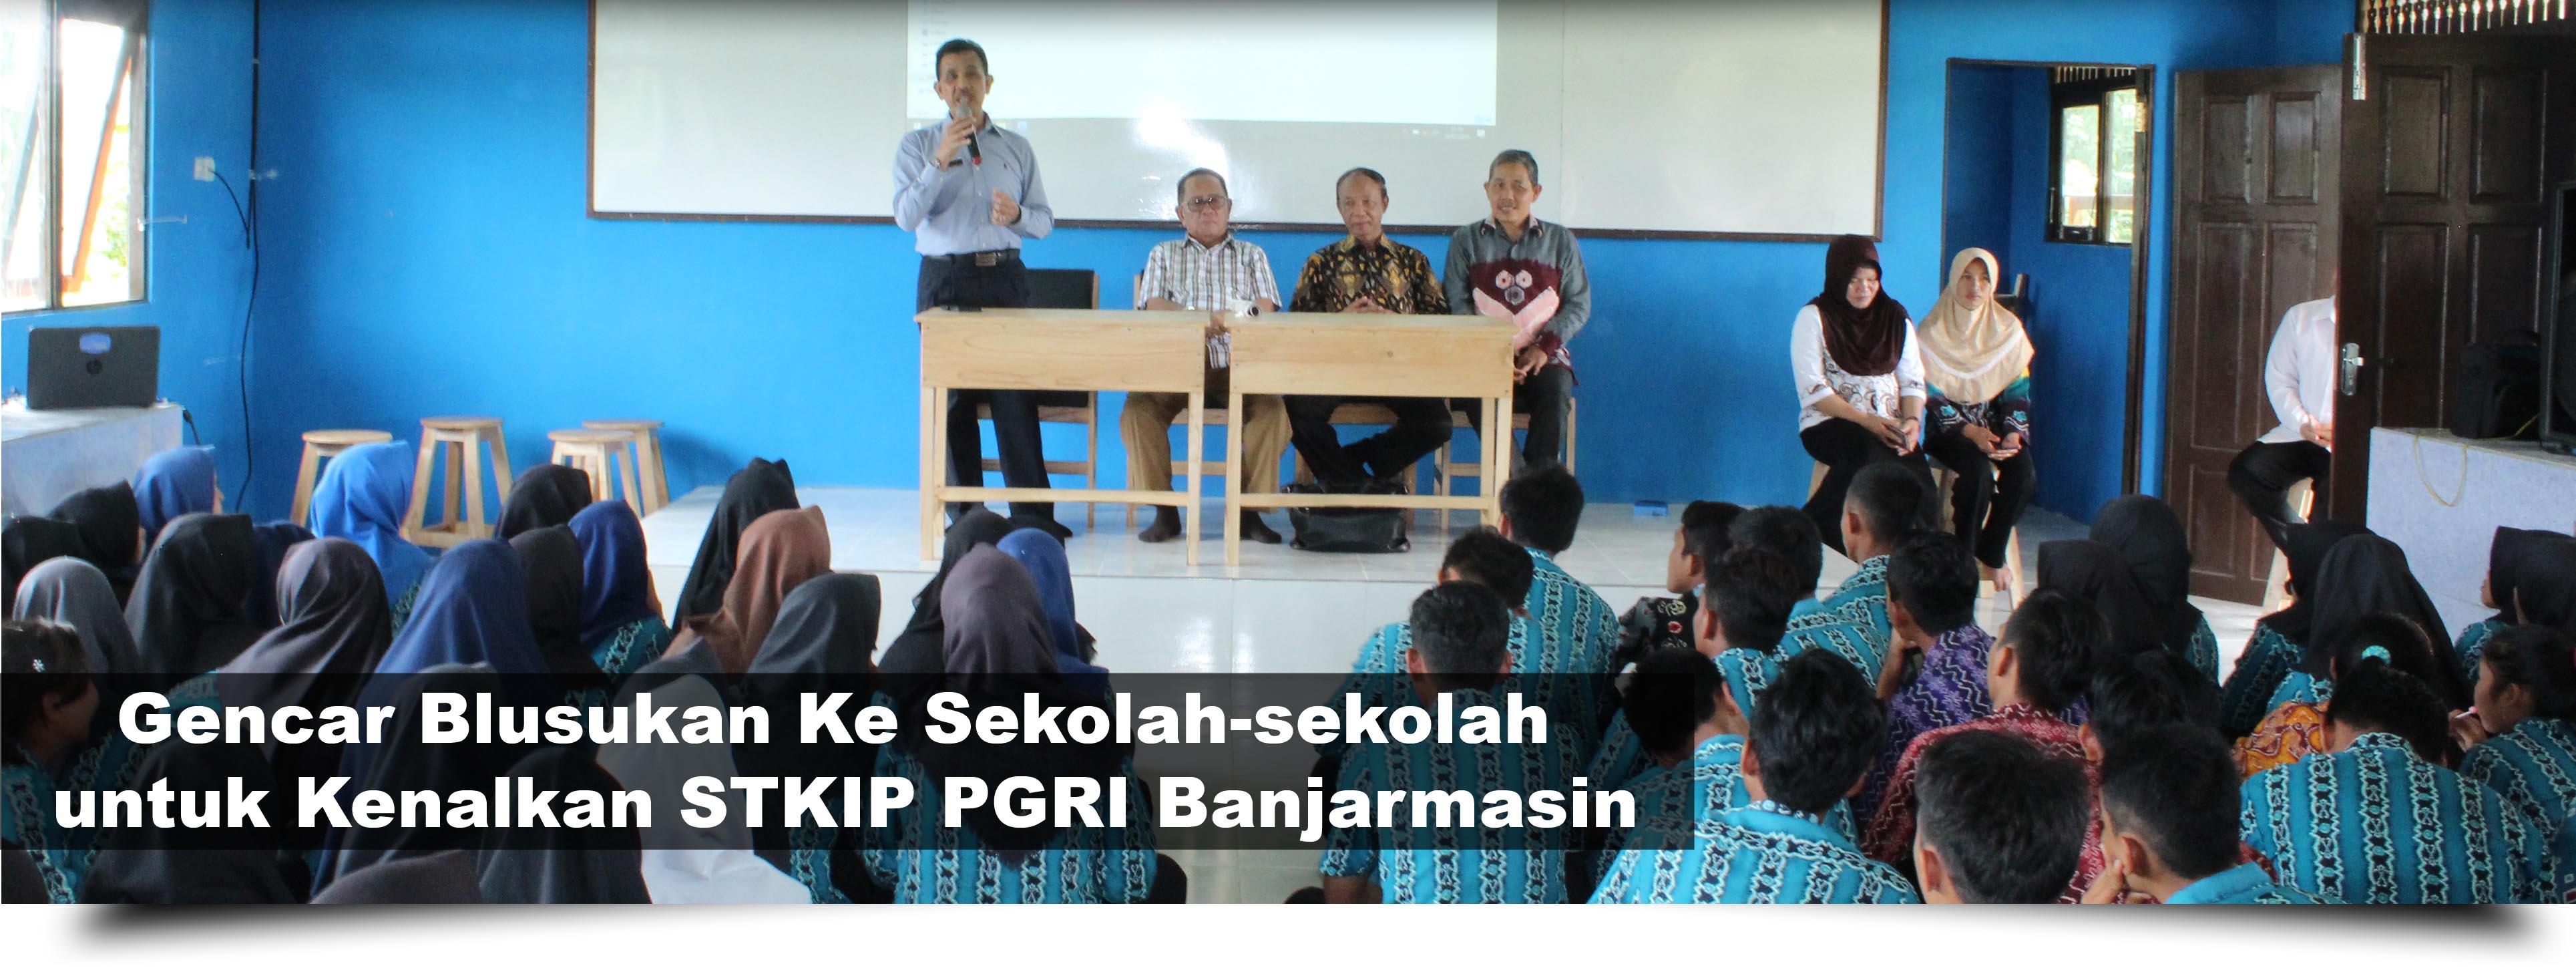 Gencar Blusukan ke sekolah-sekolah untuk kenalkan STKIP PGRI Banjarmasin